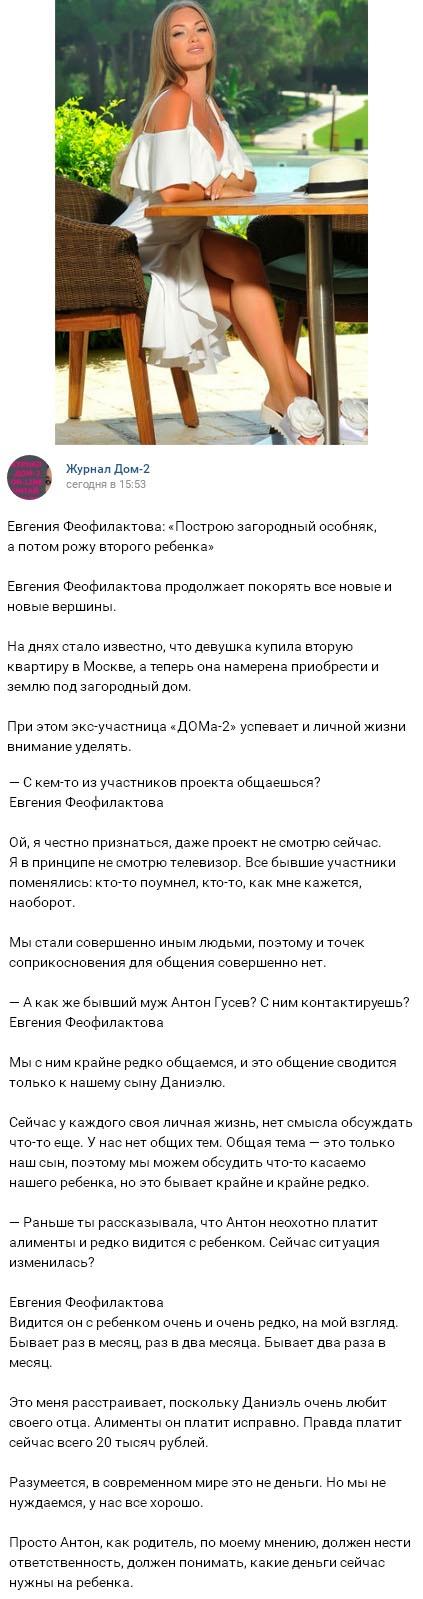 Евгения Феофилактова требует больше денег от Антона Гусева